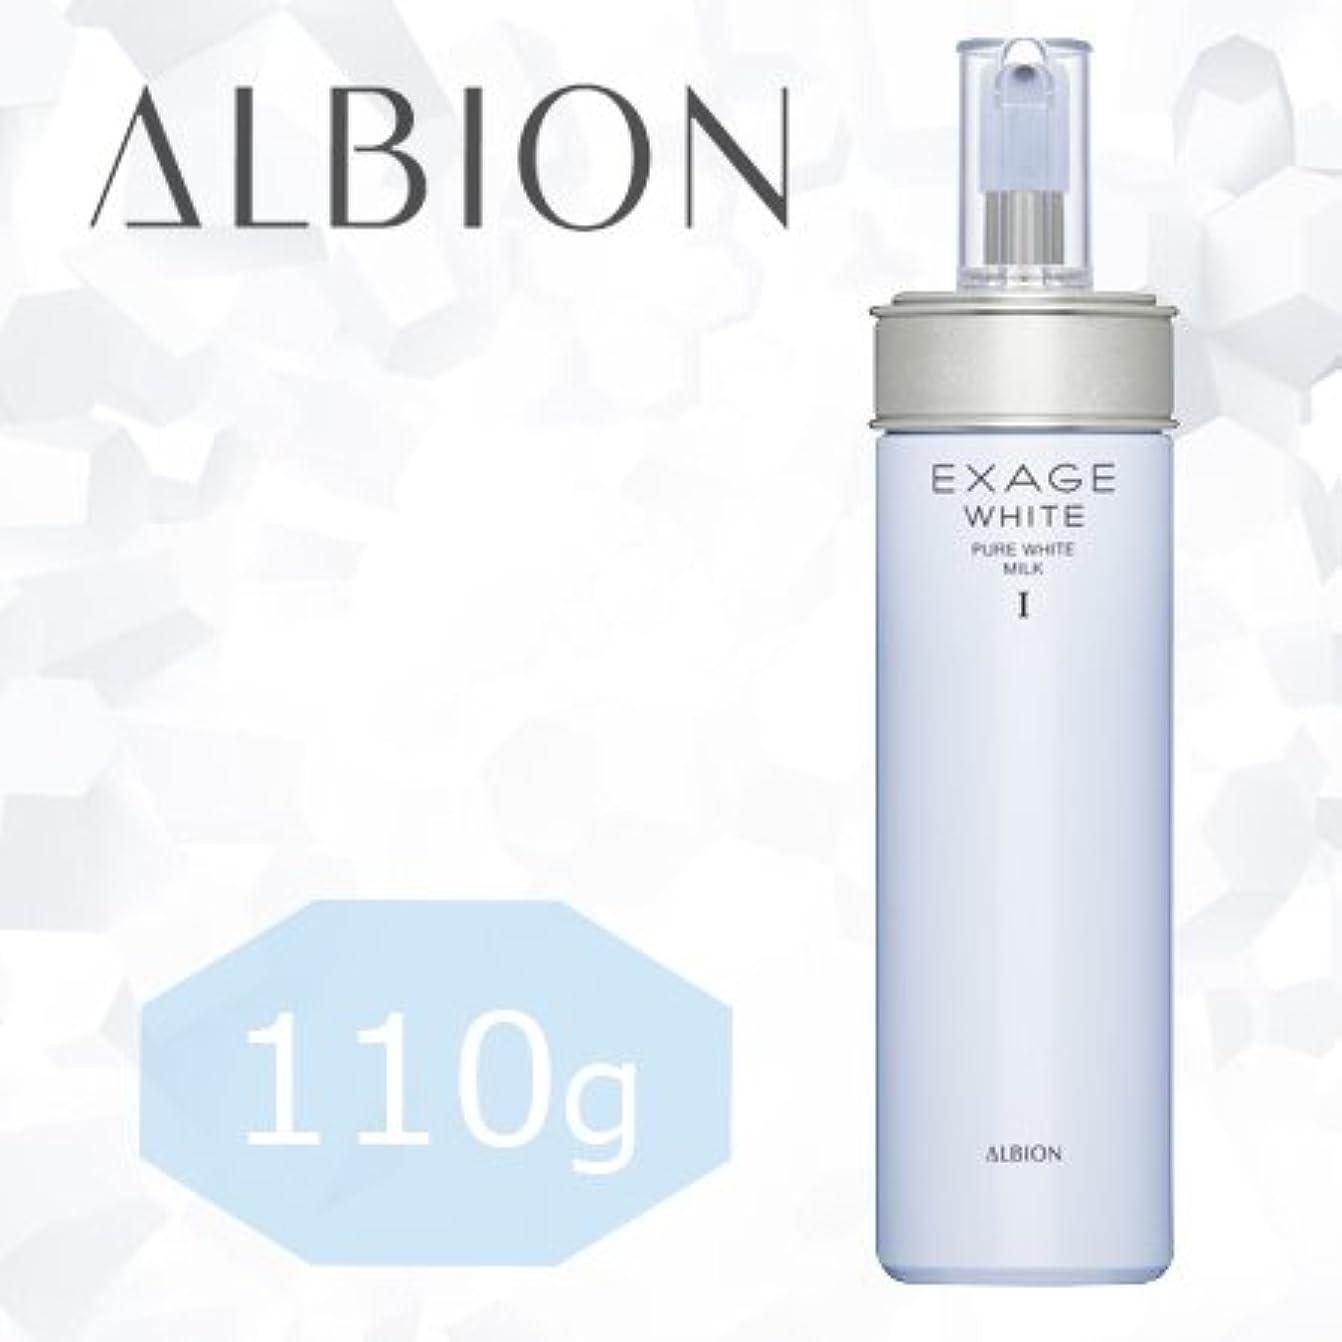 アルビオン エクサージュホワイト ピュアホワイト ミルク 1 110g